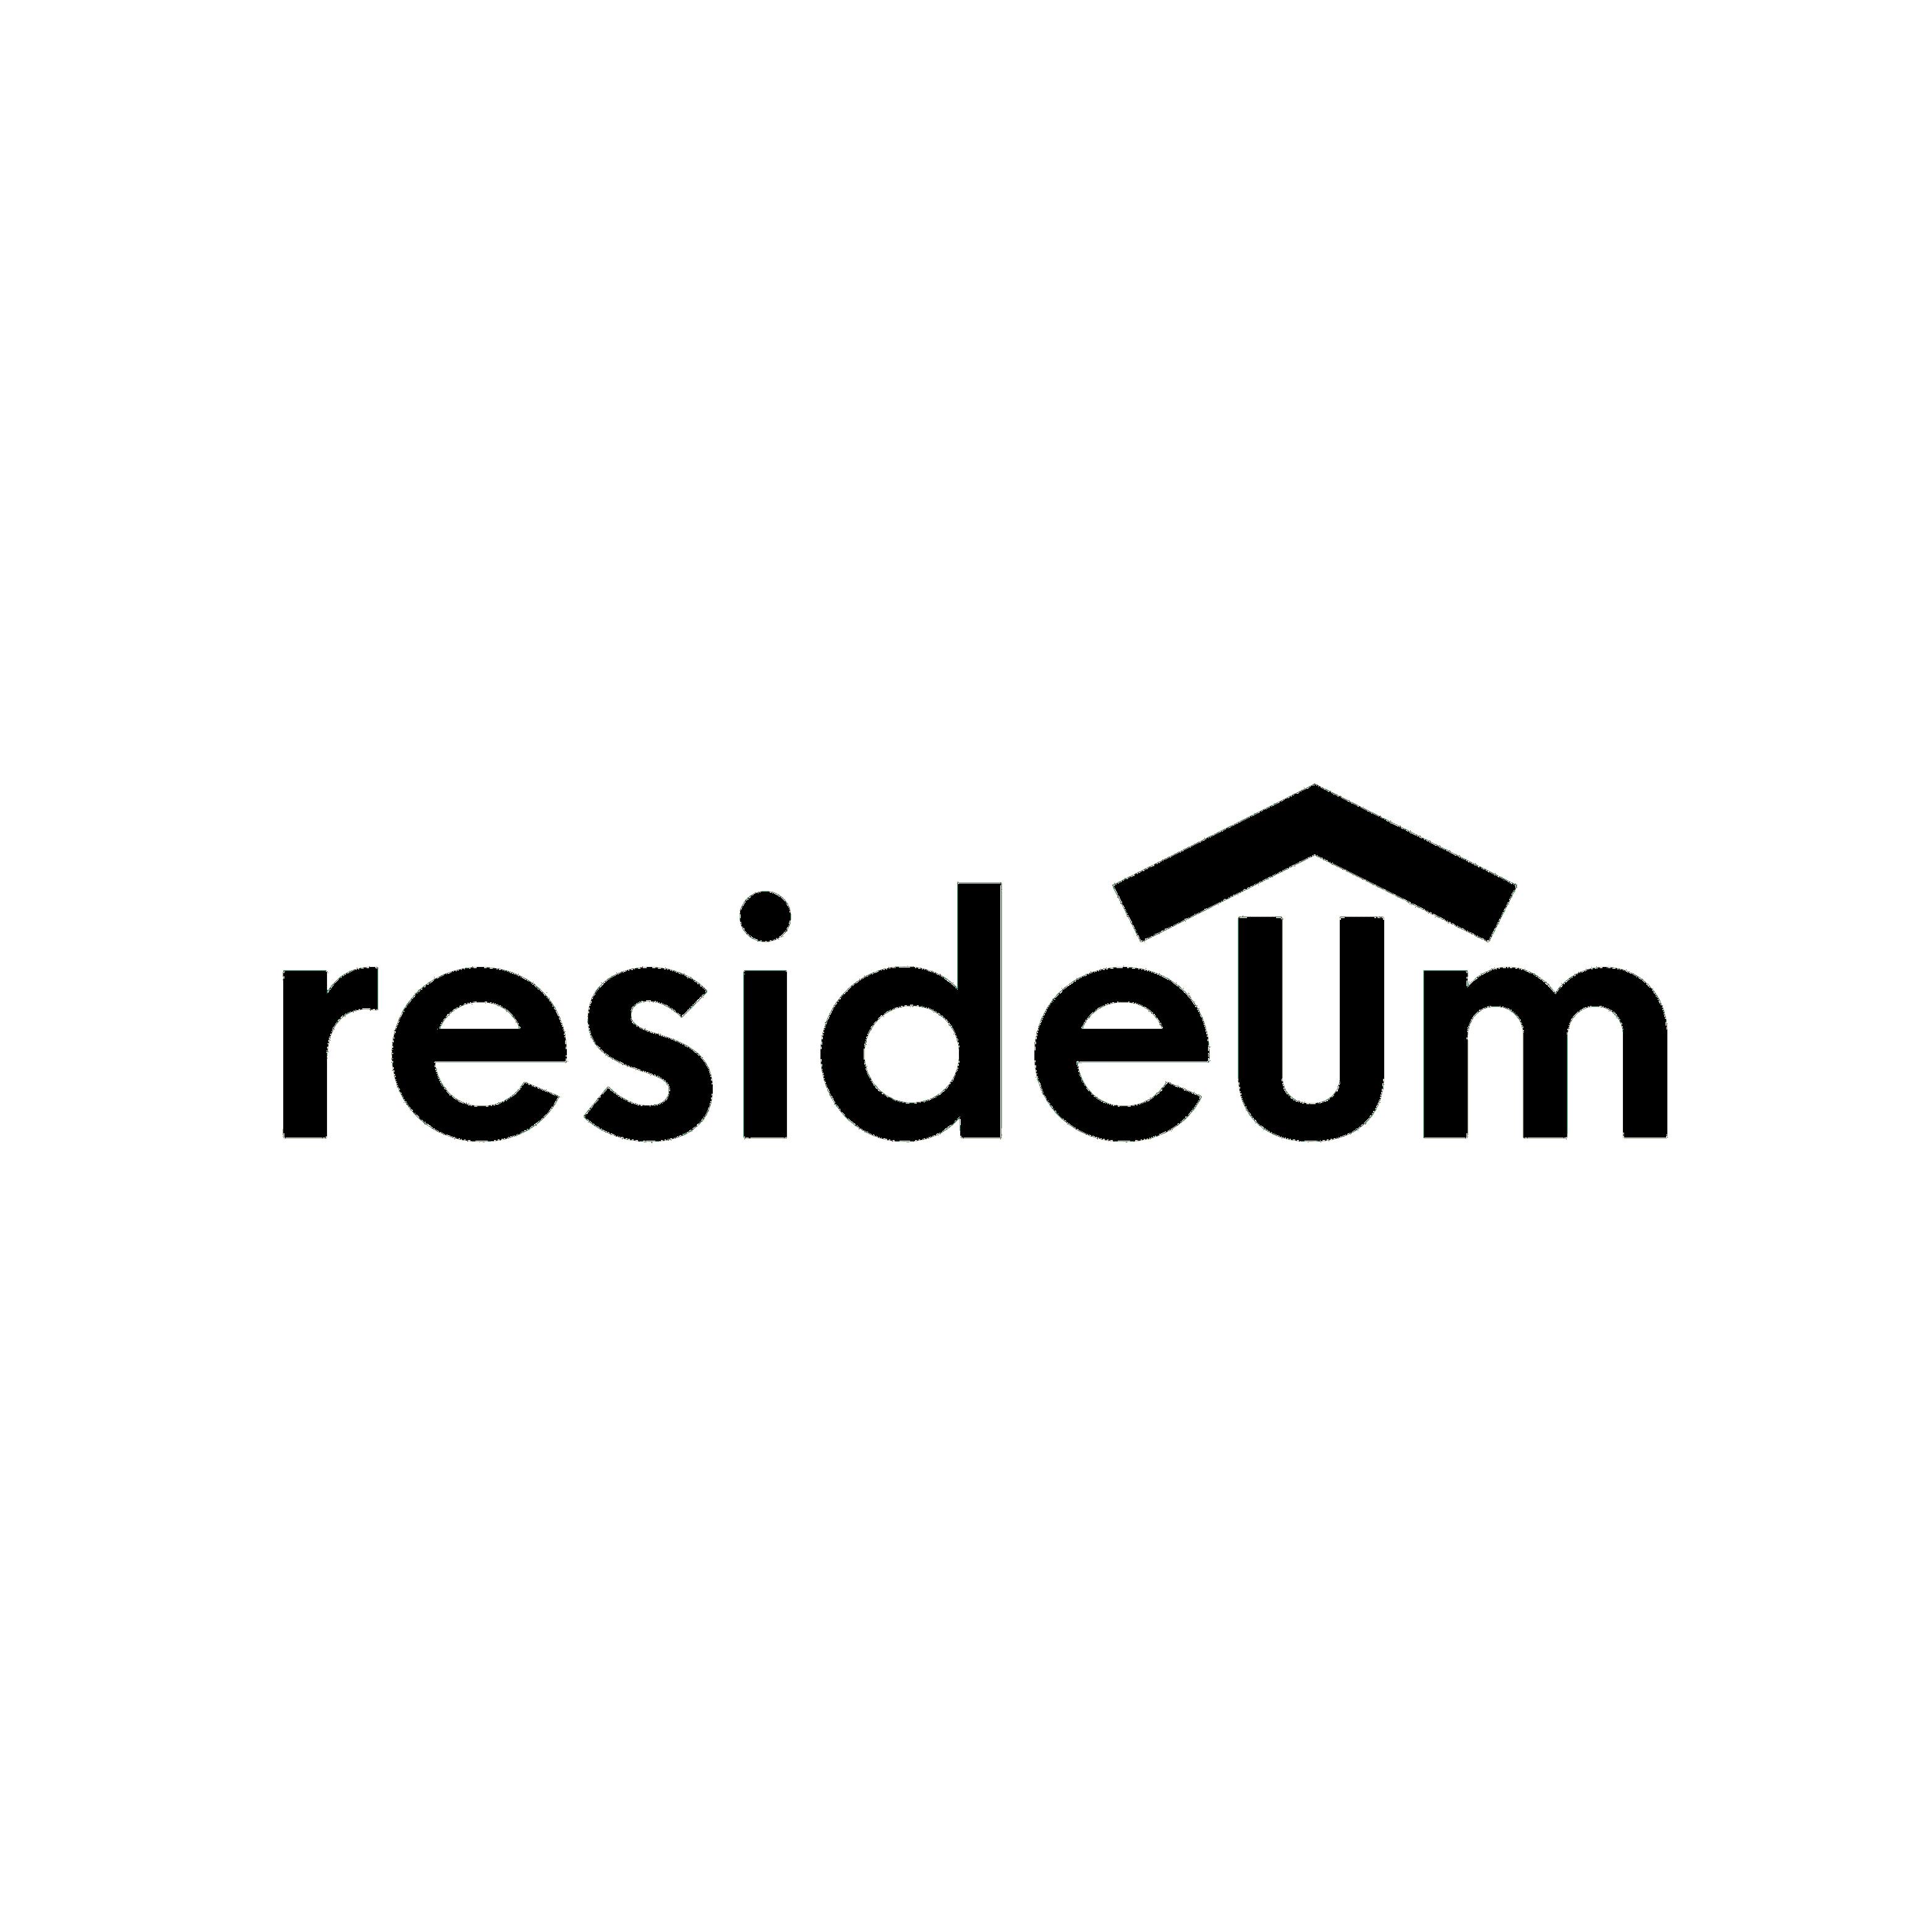 Resideum - Alpharetta, GA 30005 - (678)710-6130   ShowMeLocal.com